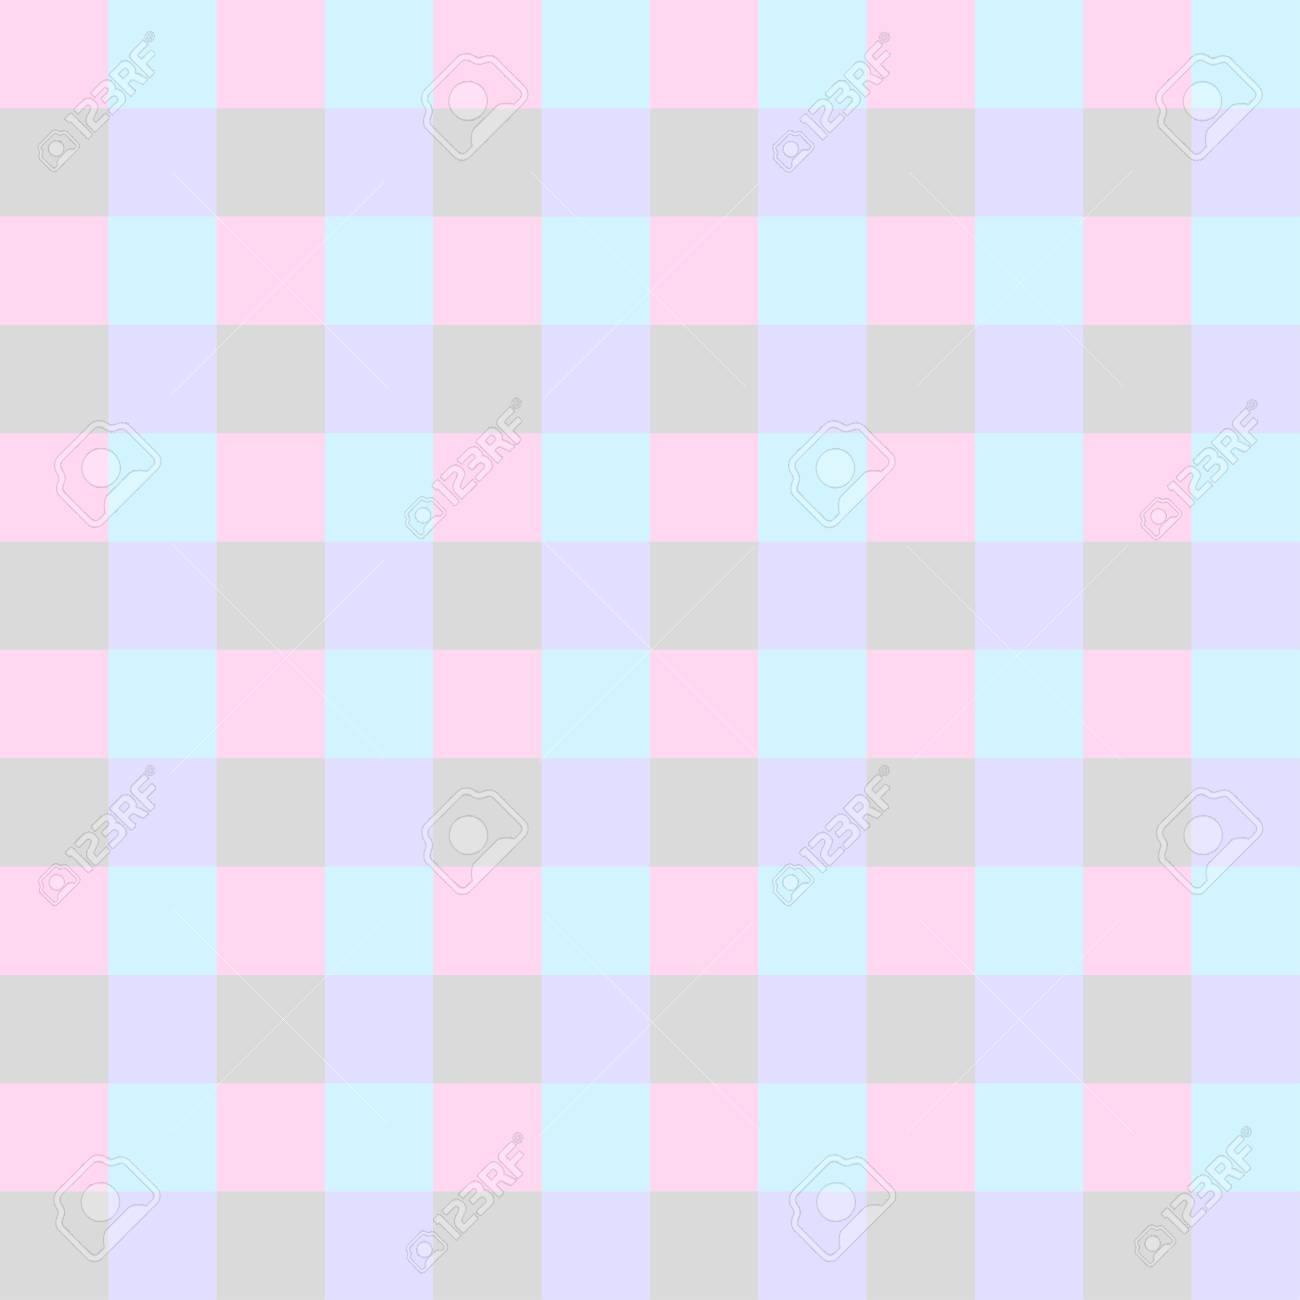 Motif Multicolore Sans Soudure Fond D Ecran Geometrique Abstrait De La Surface Couleurs Pastel Banque D Images Et Photos Libres De Droits Image 89436049